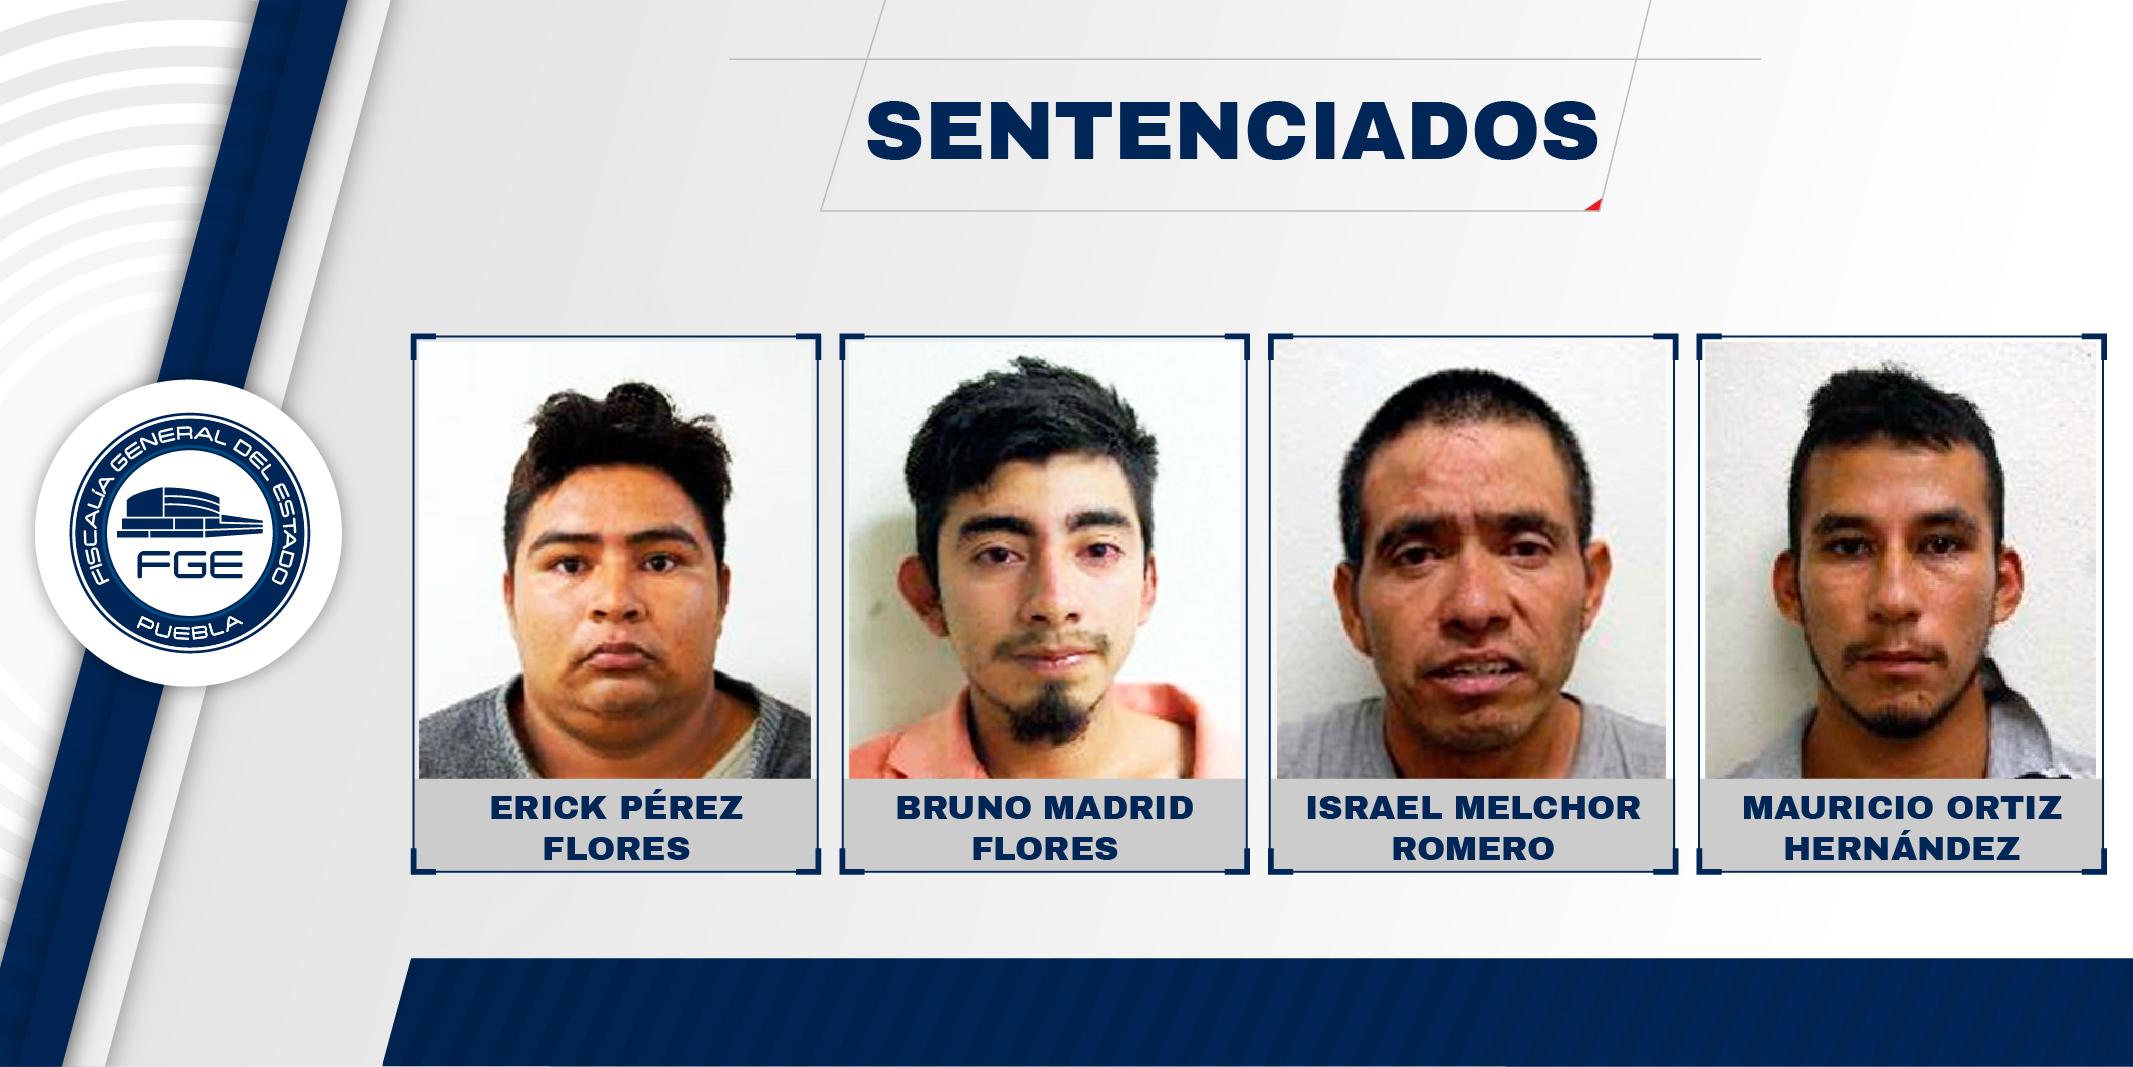 Sentencias de cuatro secuestradores suman 200 años de prisión